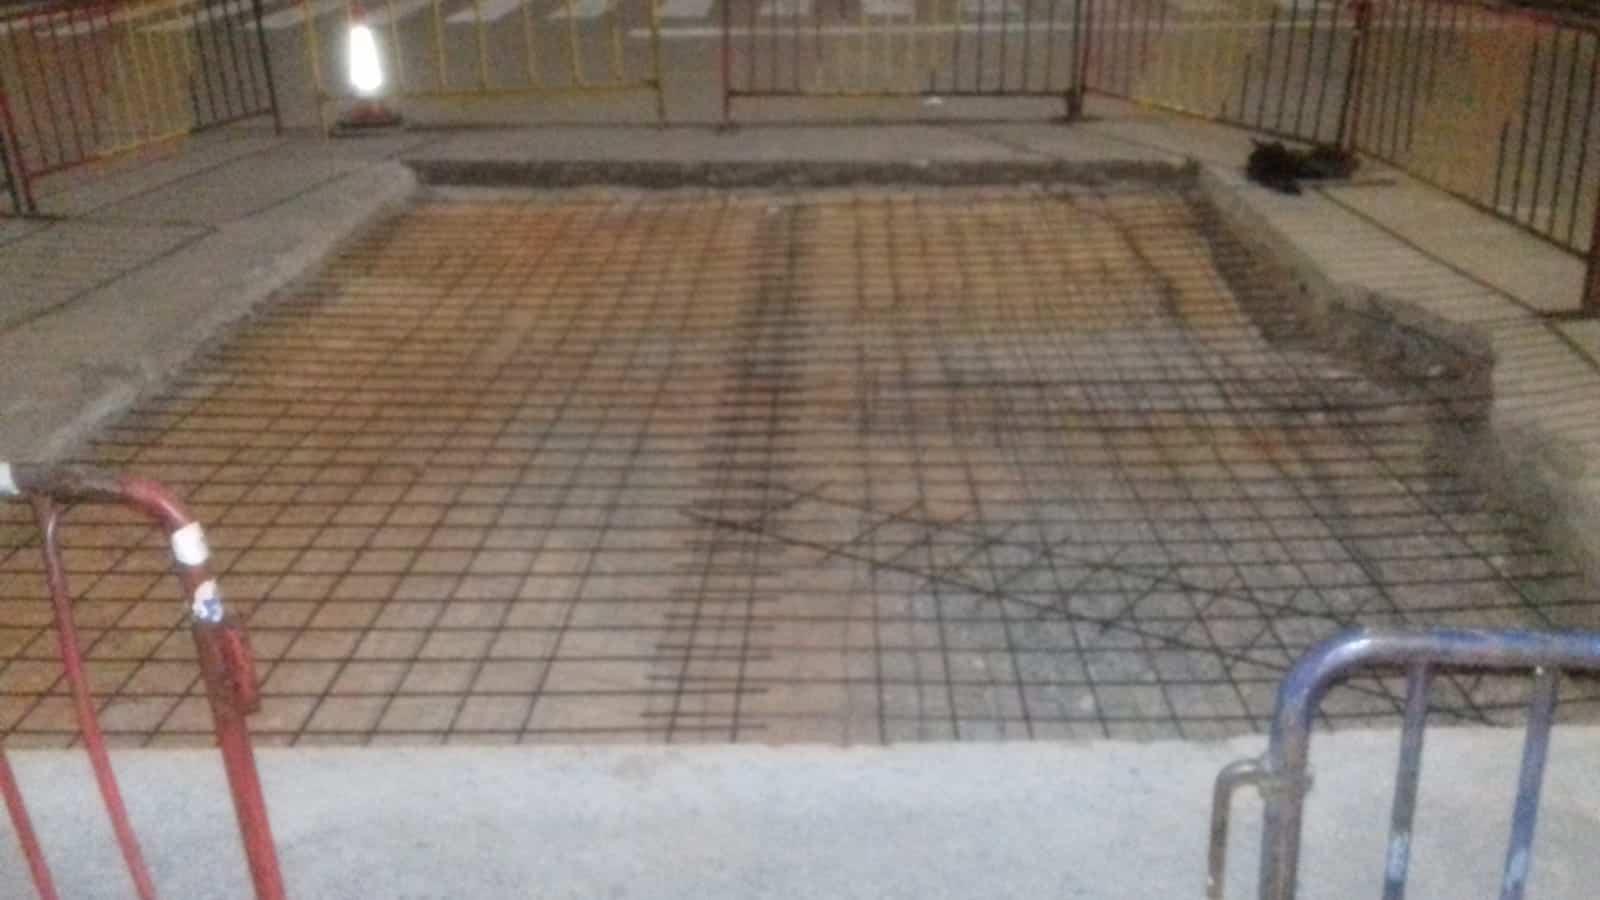 reparaciones poligono industrial herencia hormigon armado - Actuación de reparación de firme en el Polígono Industrial de Herencia